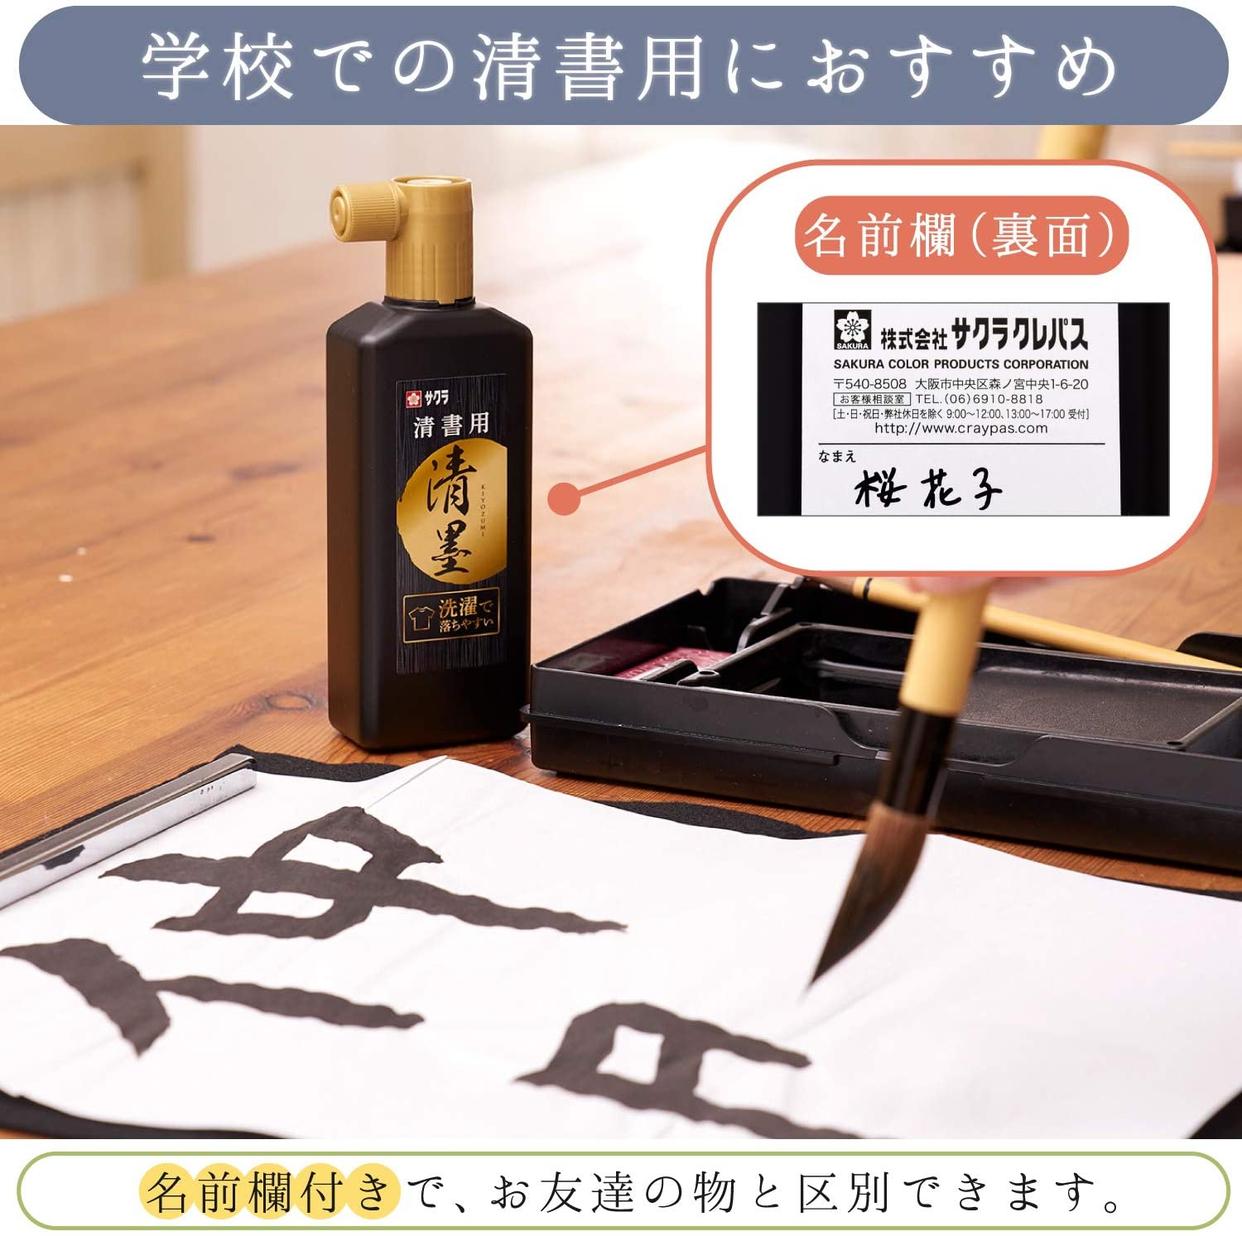 SAKURA(サクラ) 清墨 805304の商品画像7